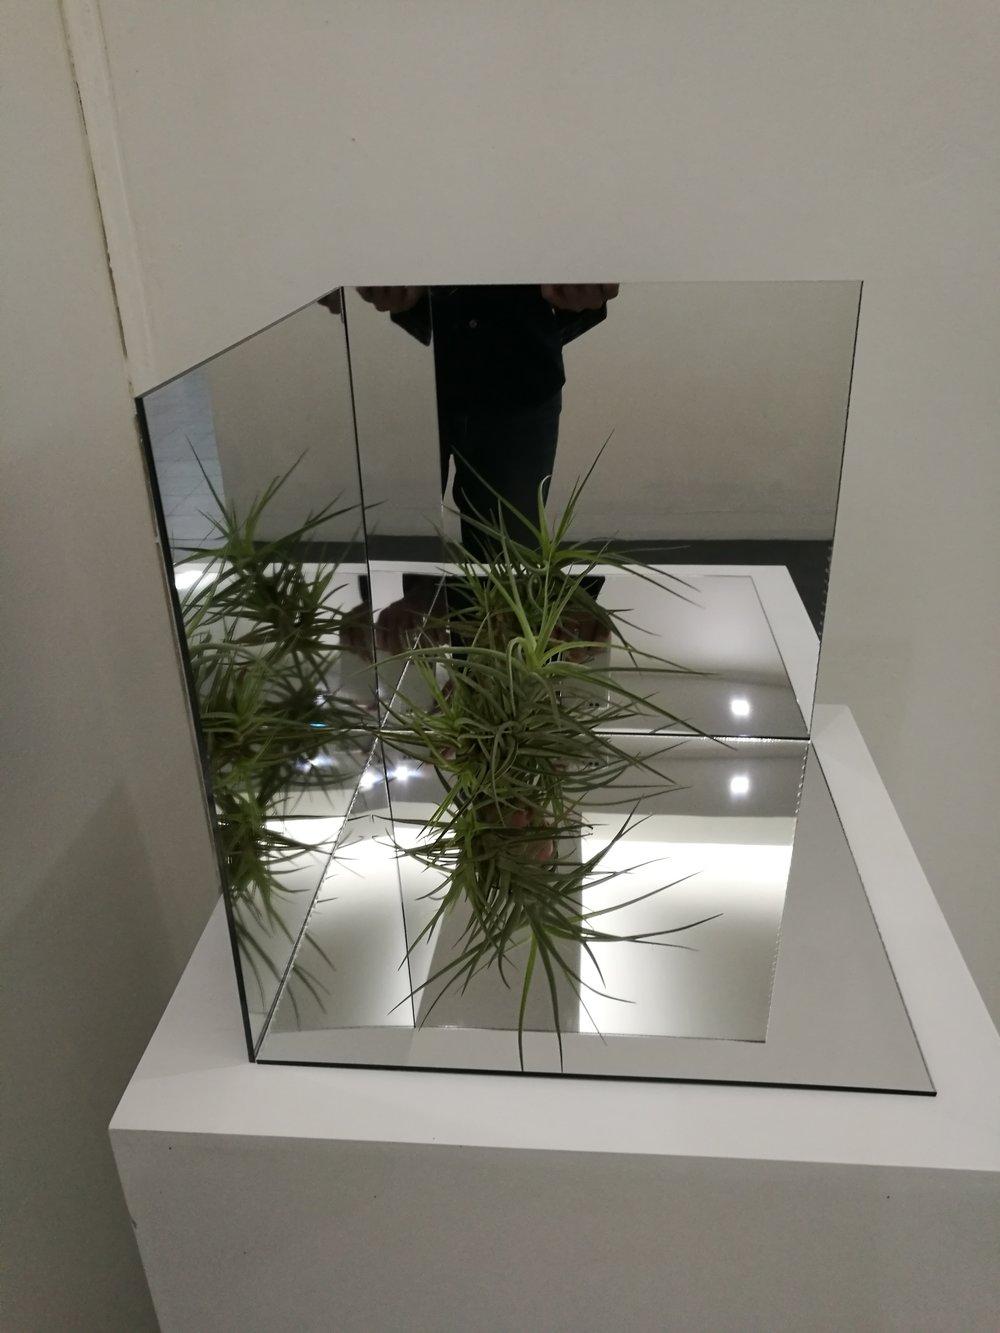 alejandro medina - project room 12.jpg